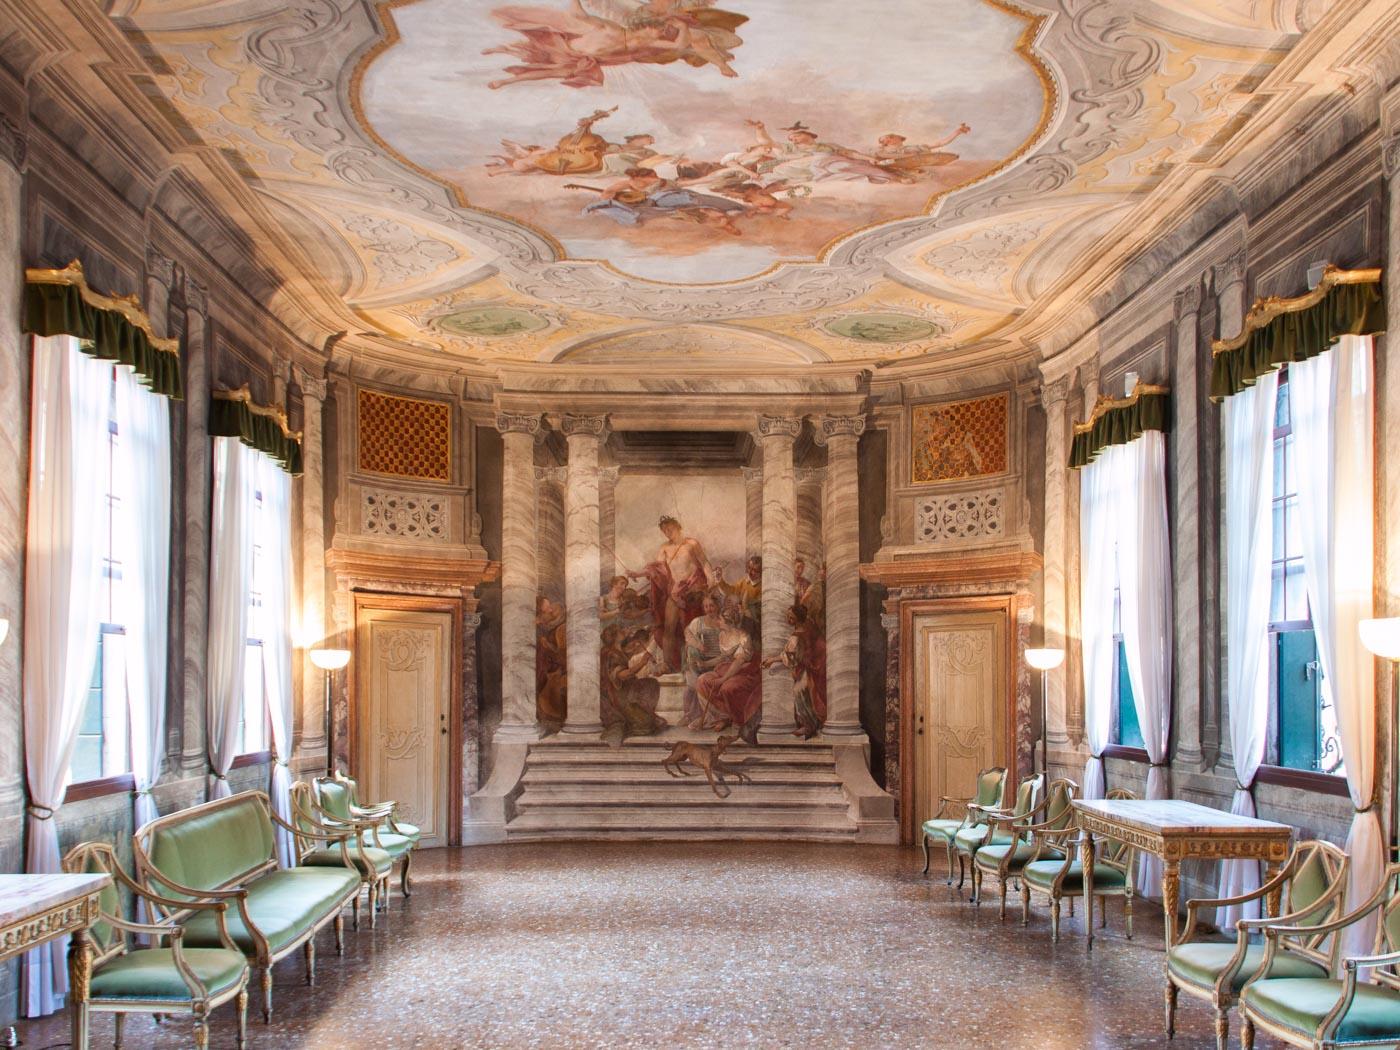 Decorazioni sala e arredo nel Complesso dell Ospedaletto Gioielli Nascosti di Venezia